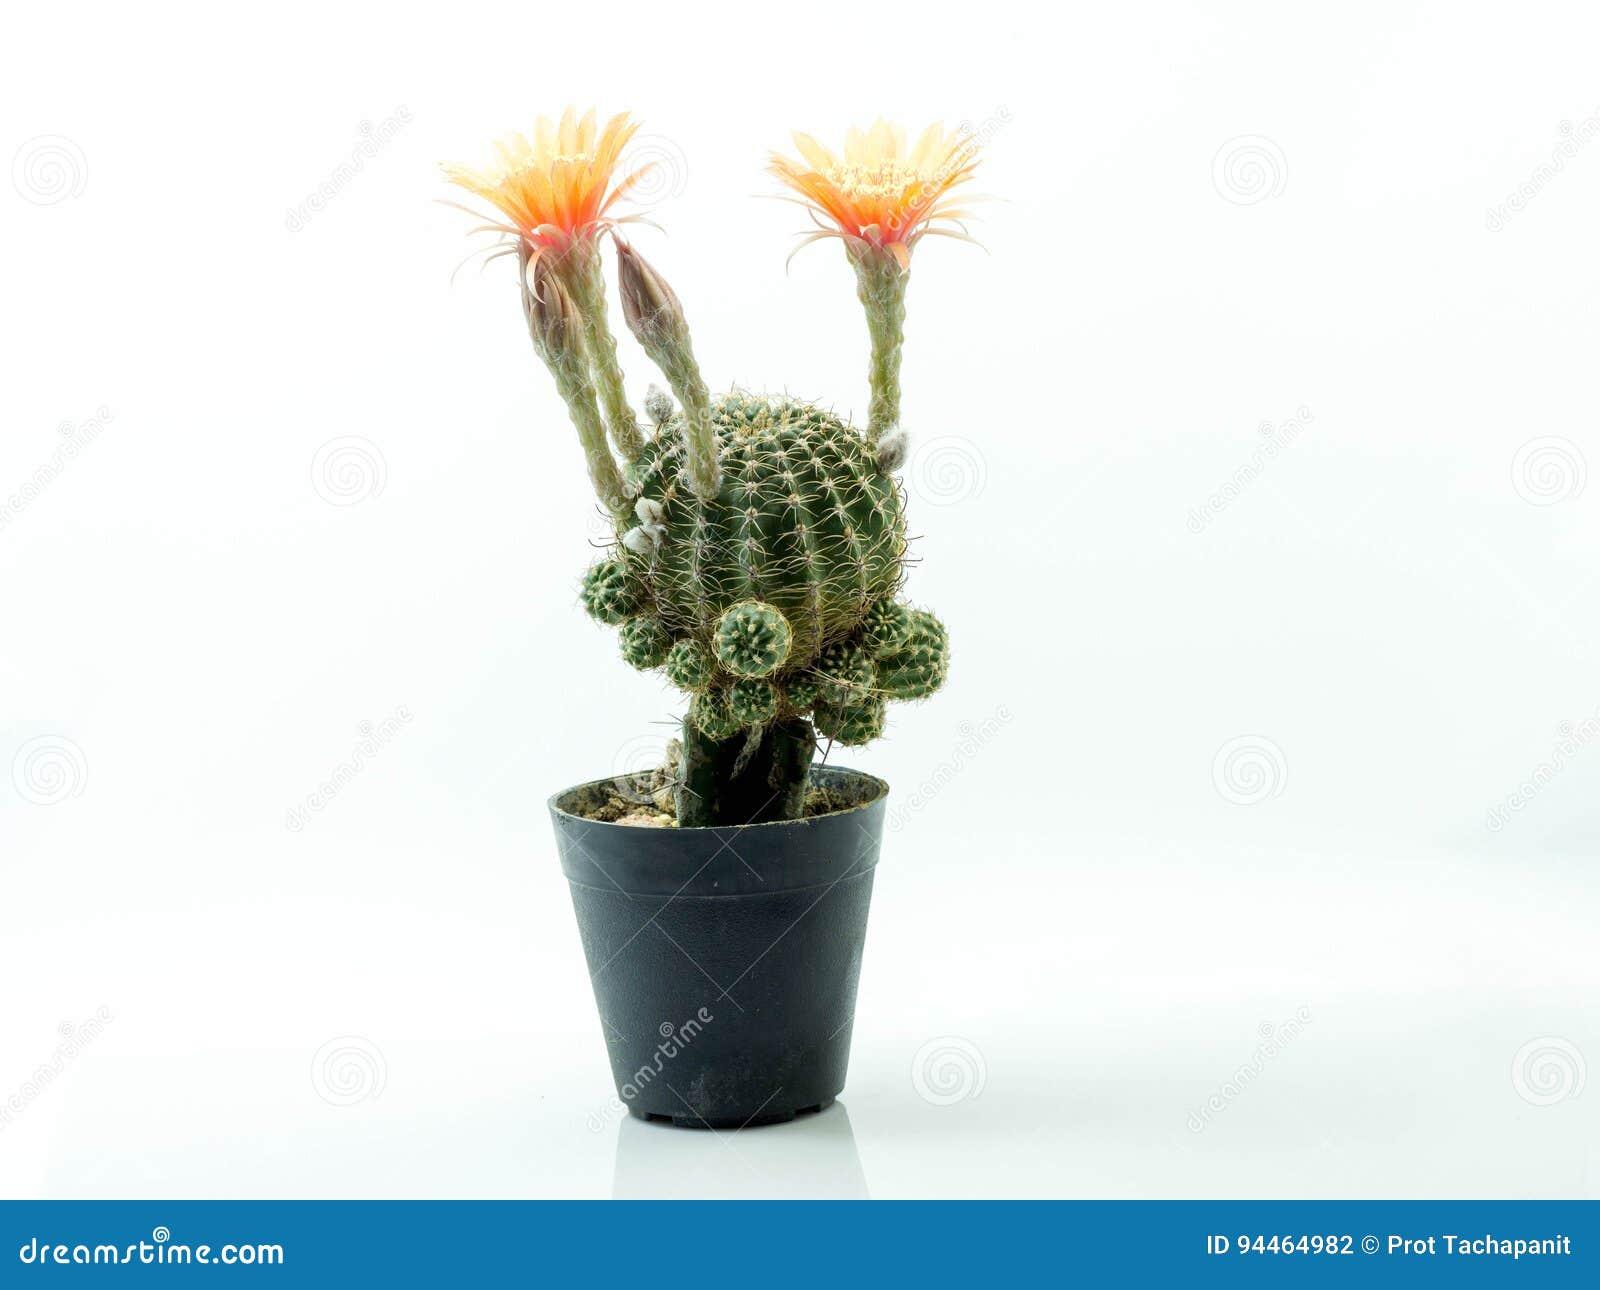 Cactus Avec La Fleur Rose Dans Un Bac D Isolement Sur Un Fond Blanc